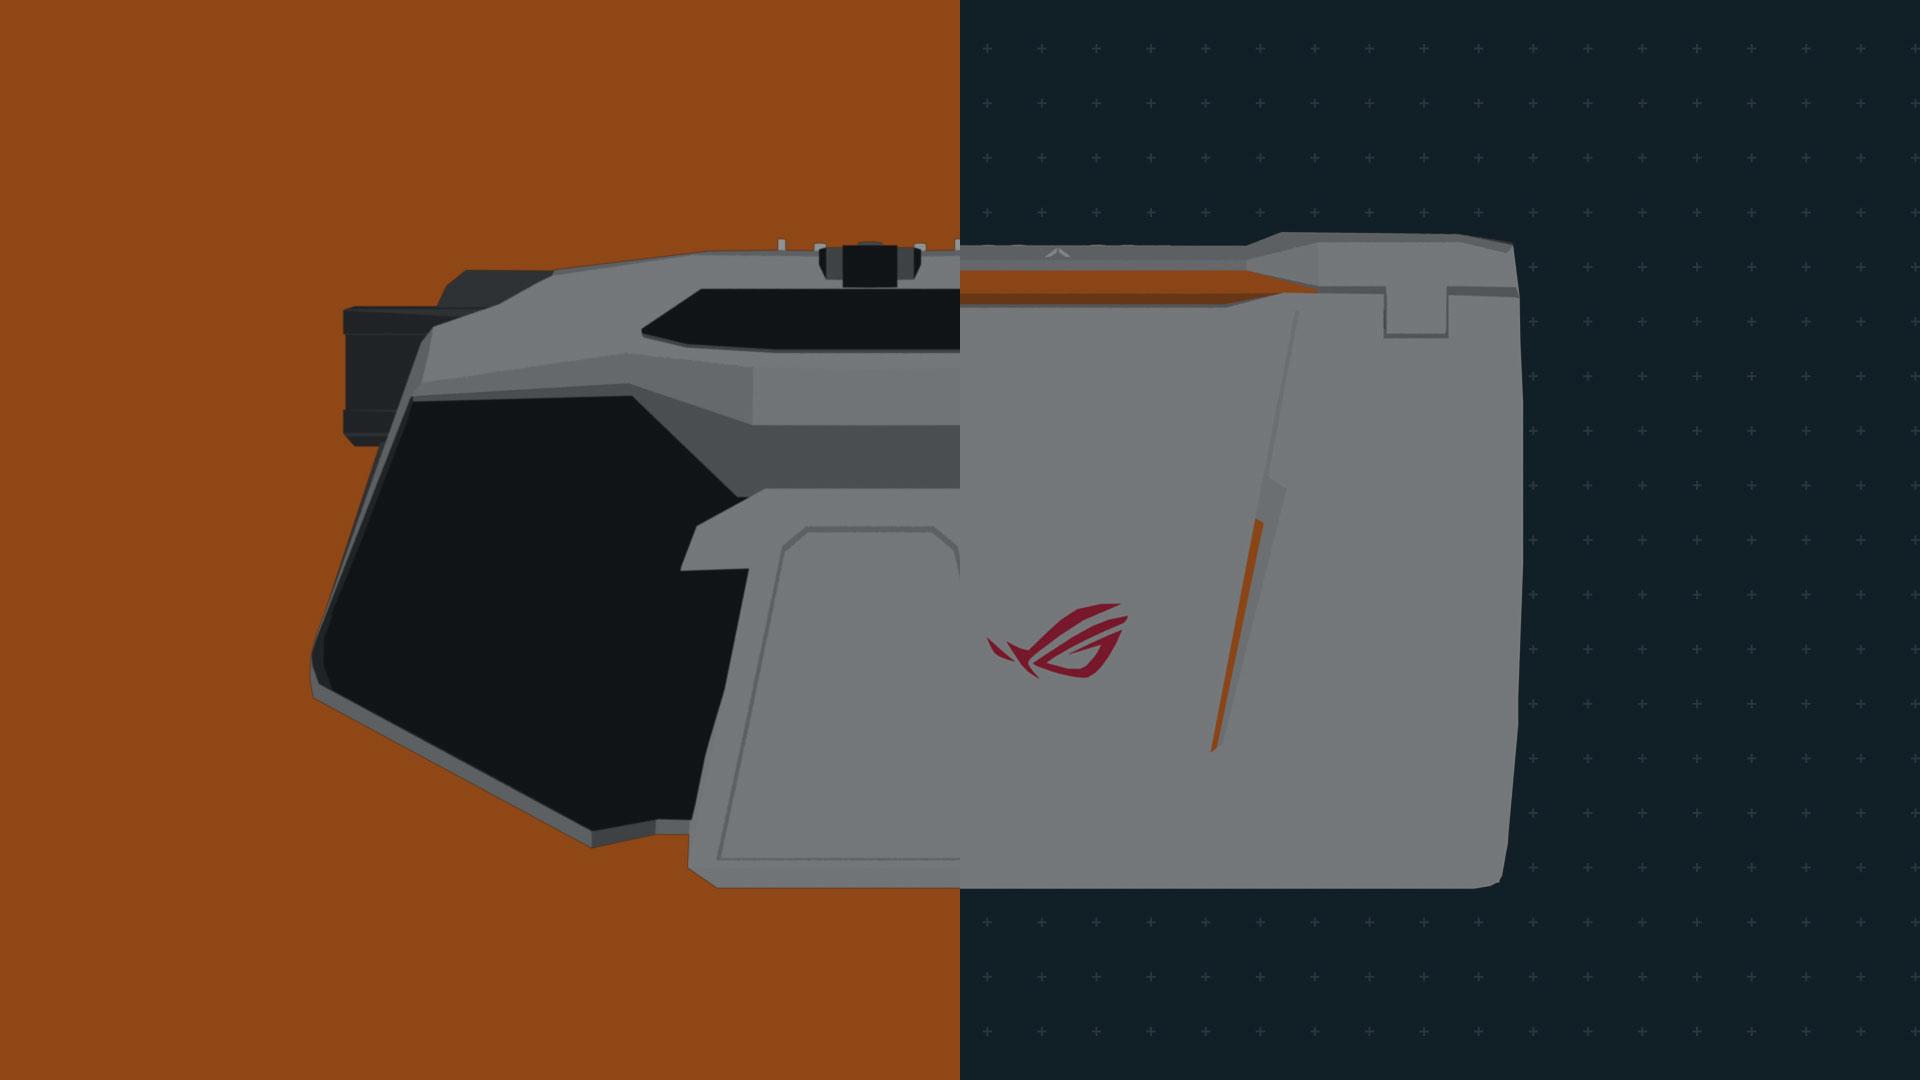 ASUS : ROG GX700